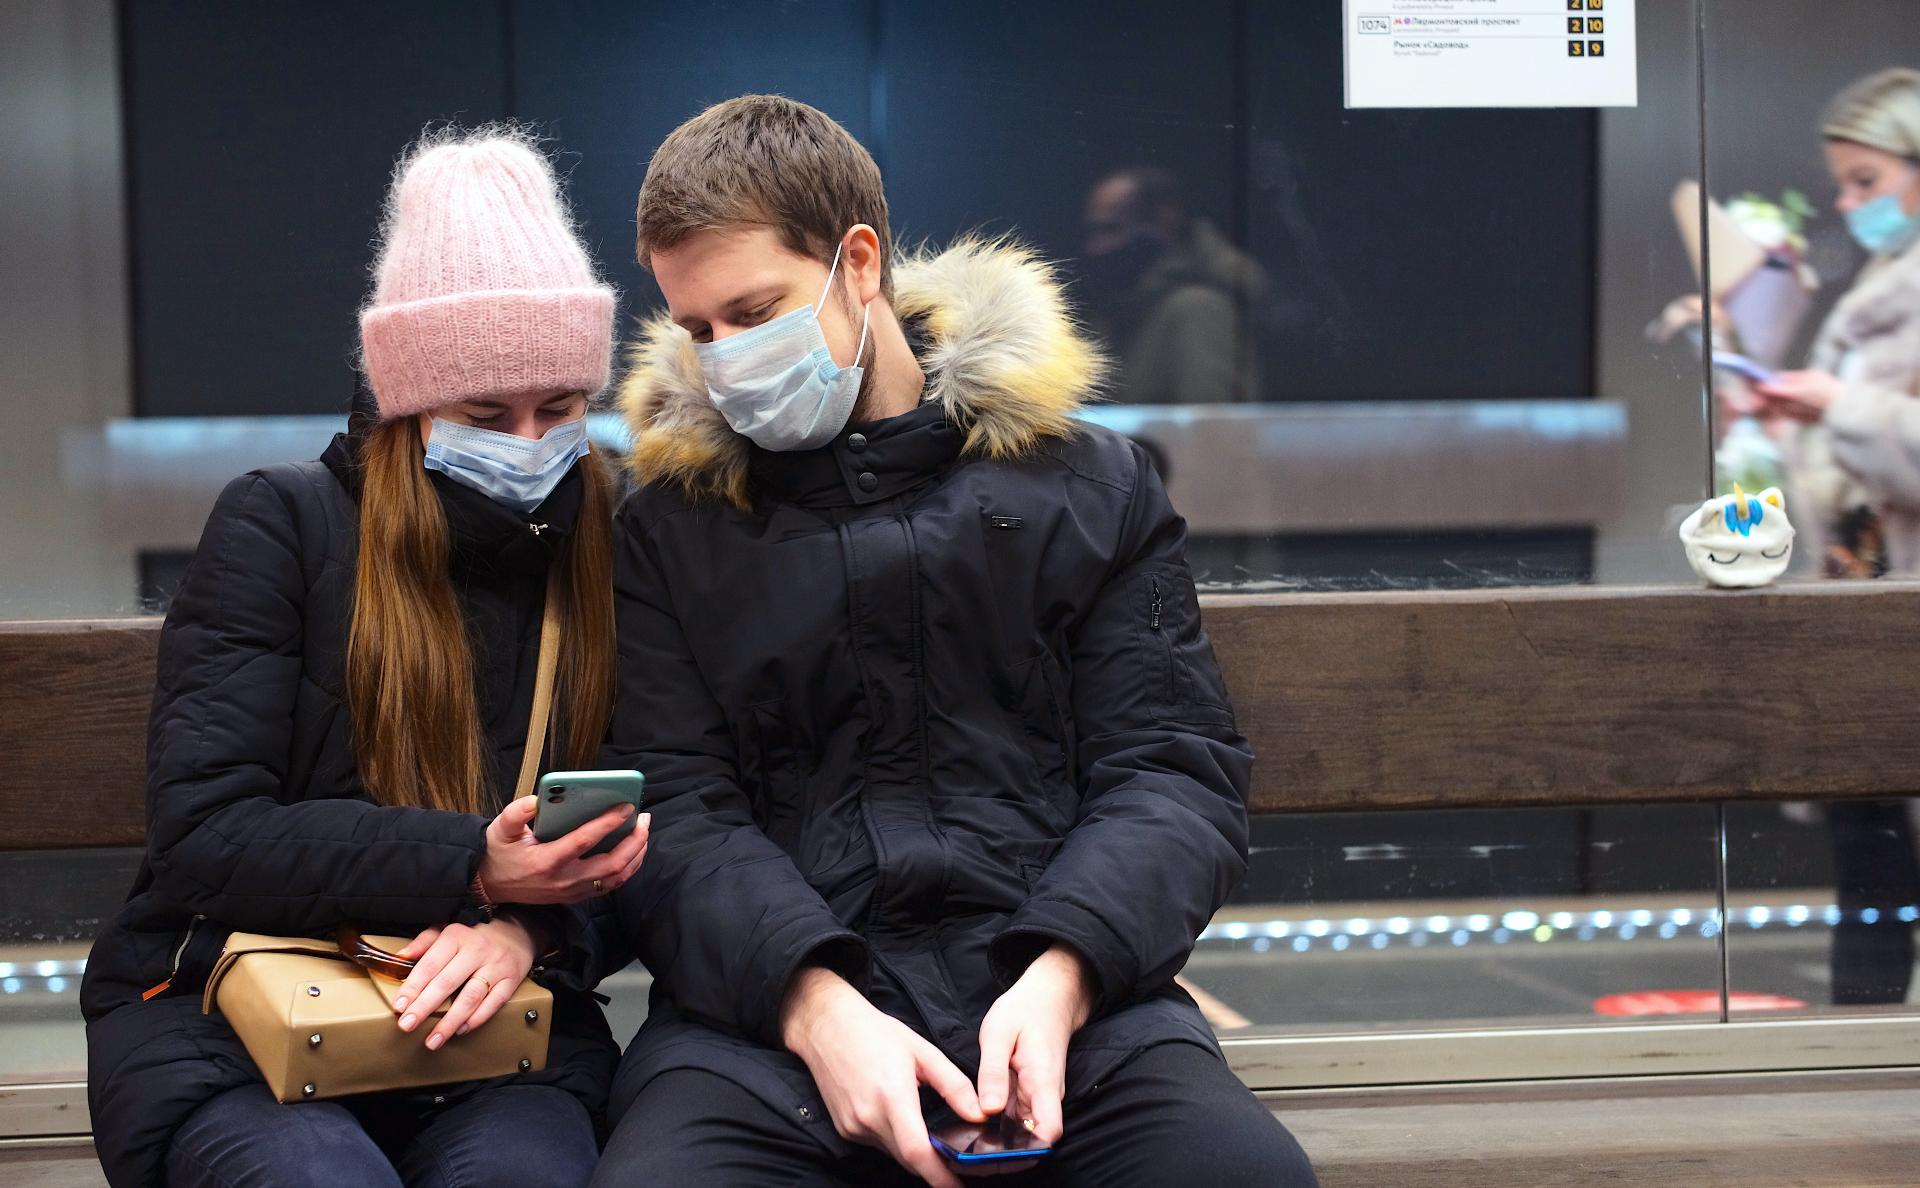 Врачи зафиксировали рост обращений россиян к психологам на фоне пандемии